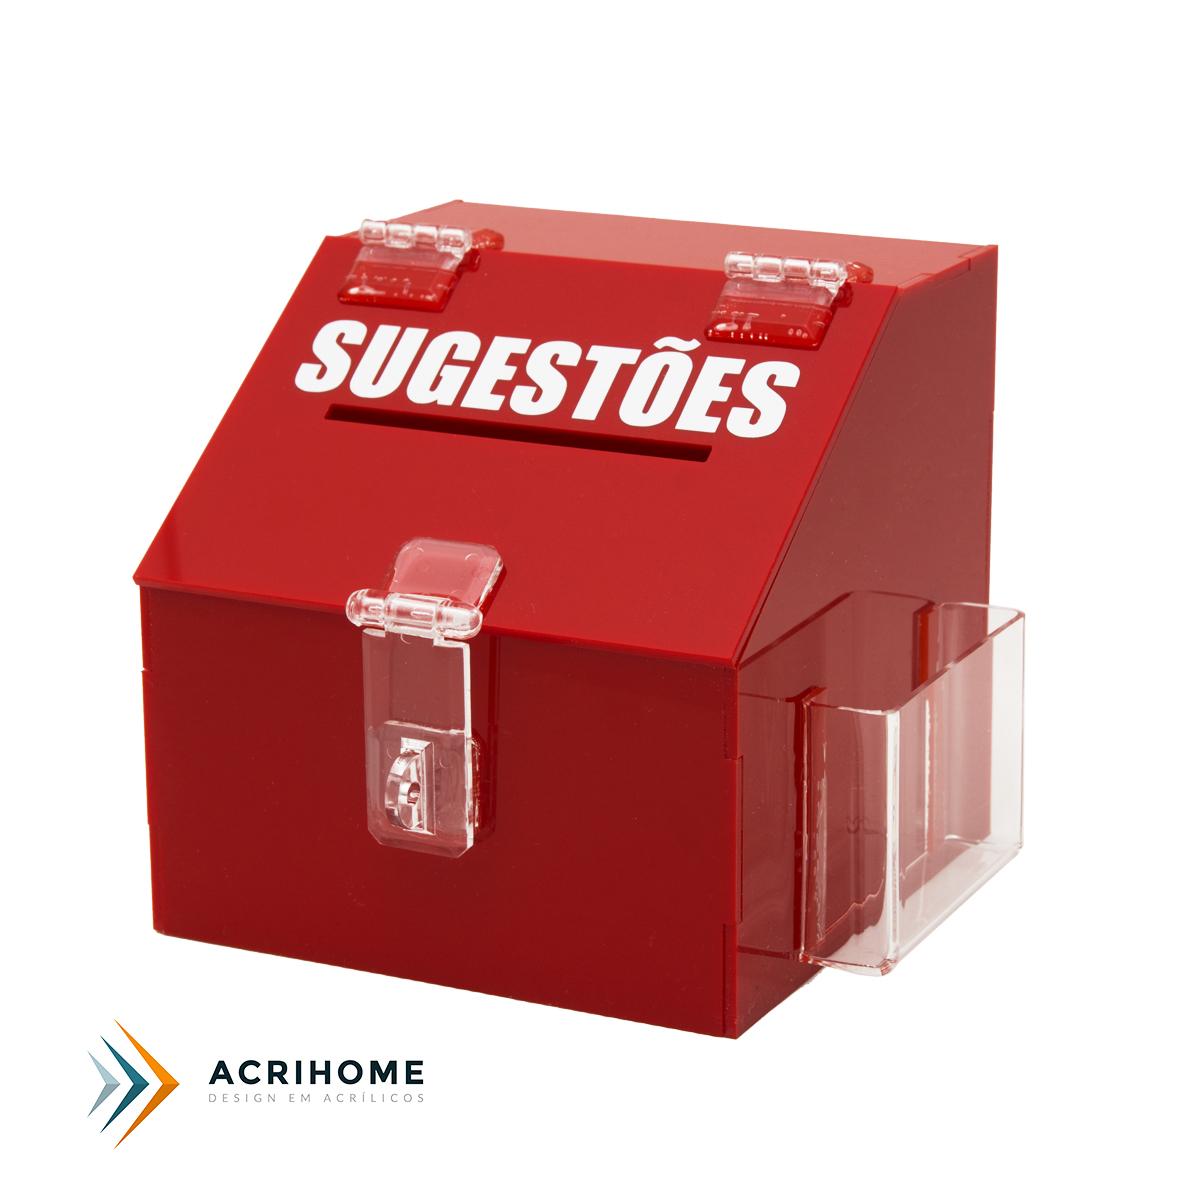 Mini caixa de sugestões de acrílico vermelho